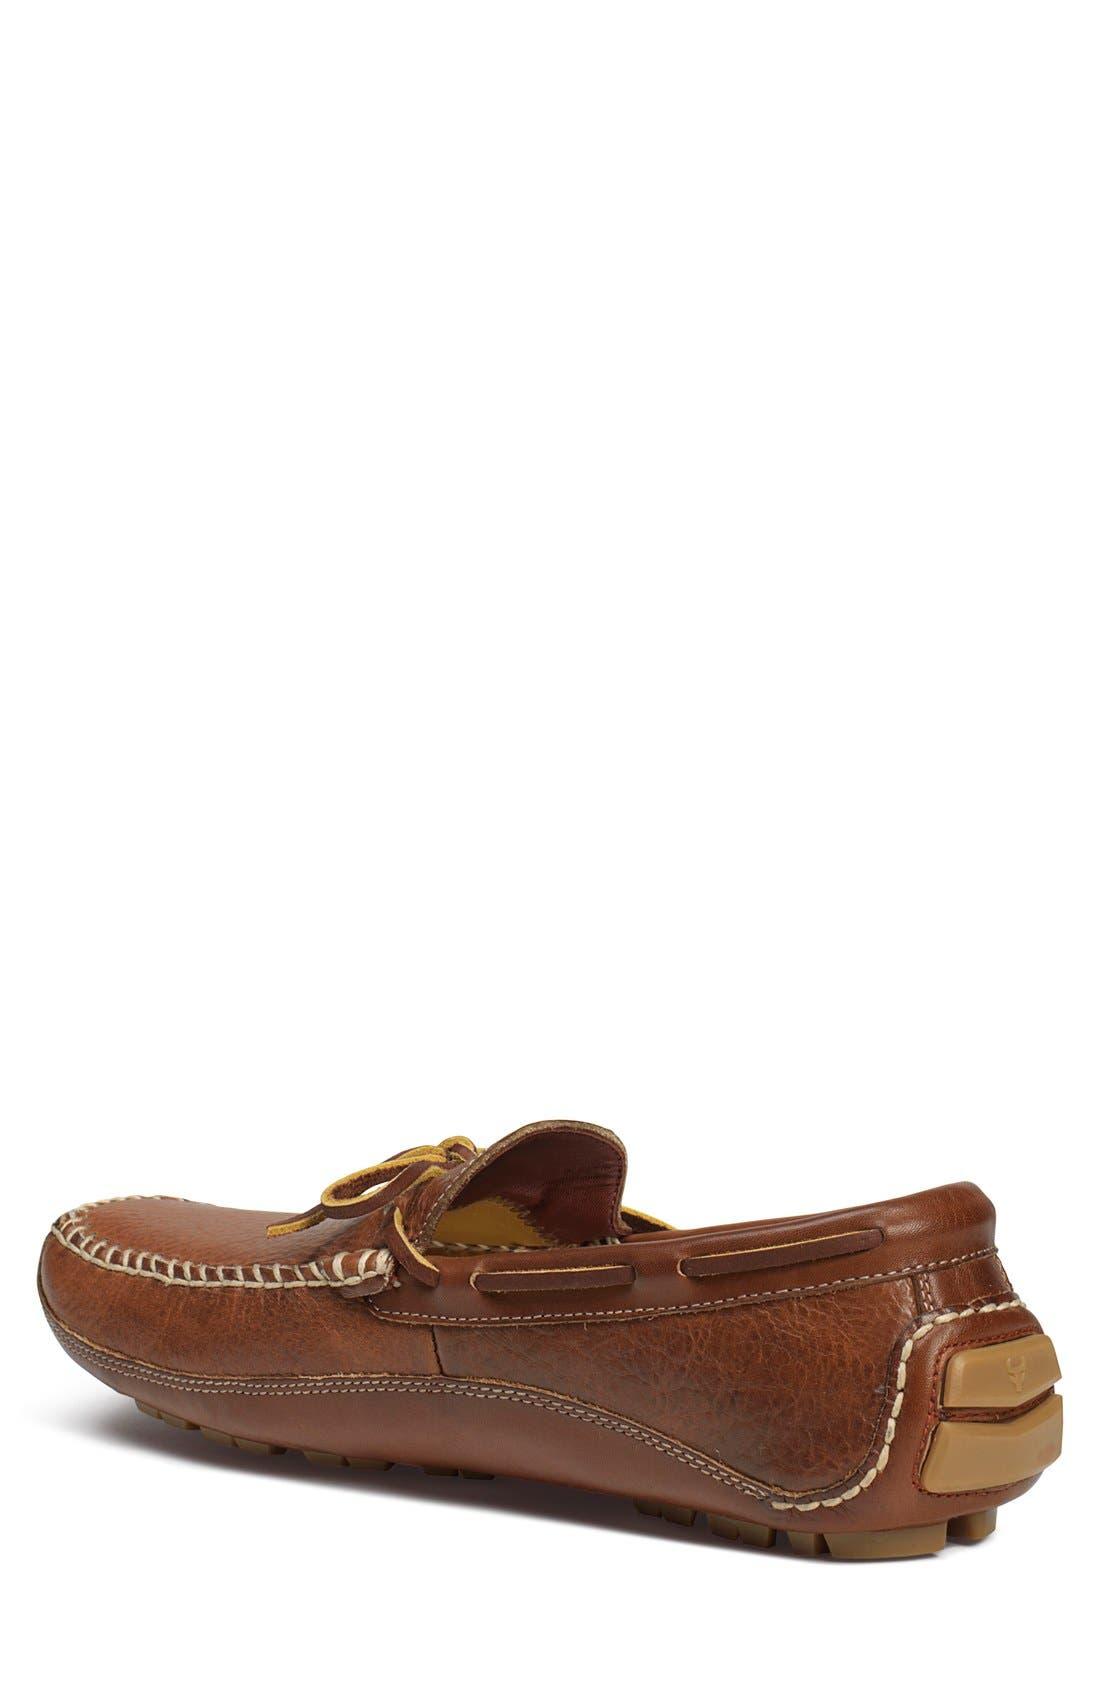 'Drake' Leather Driving Shoe,                             Alternate thumbnail 37, color,